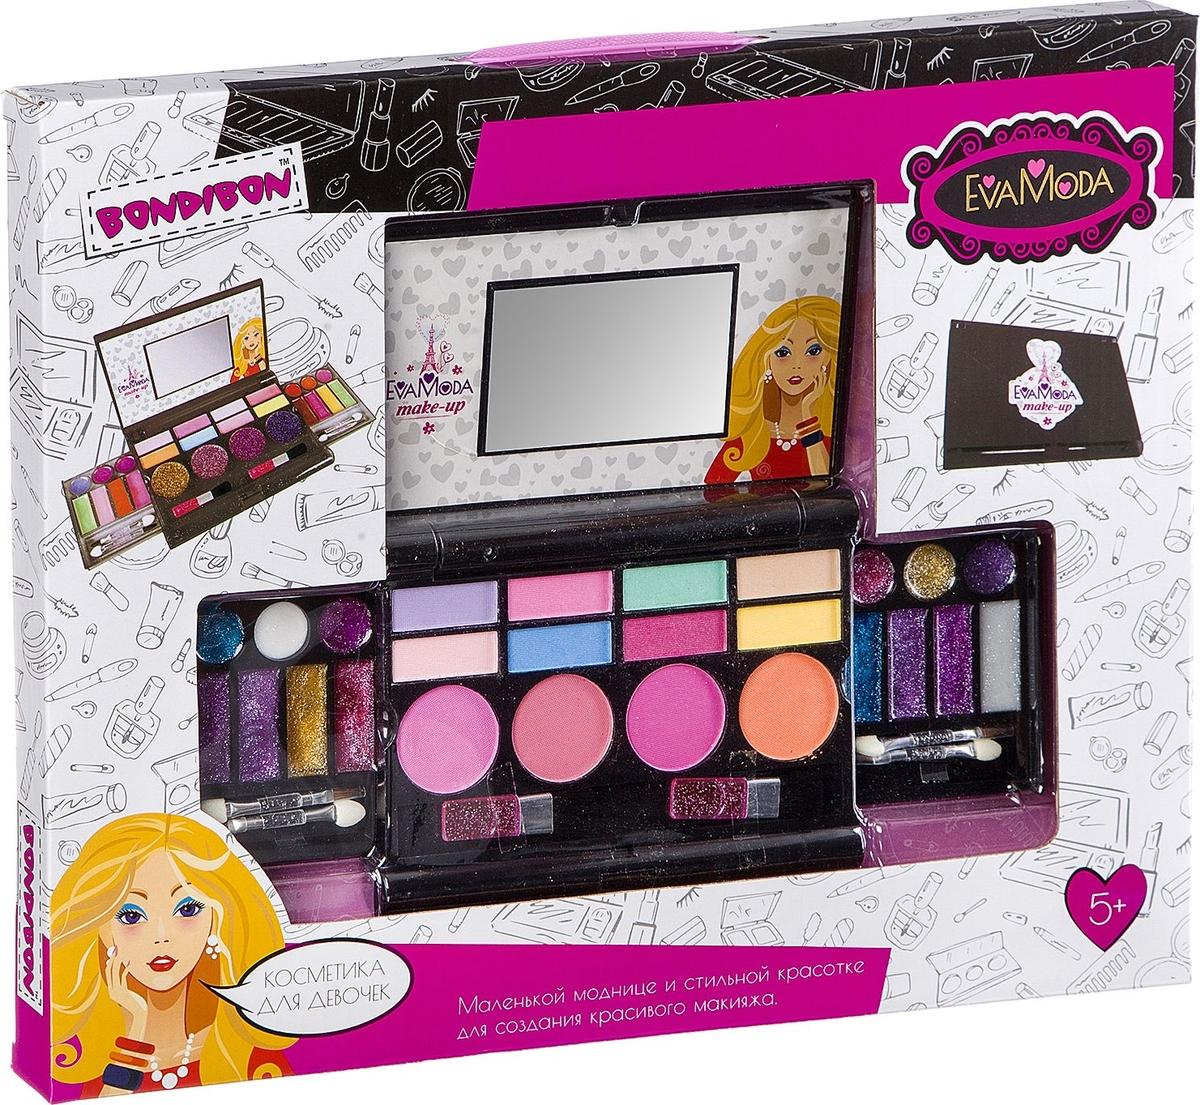 Набор косметика для детей купить купить косметику ревлон в интернет магазине